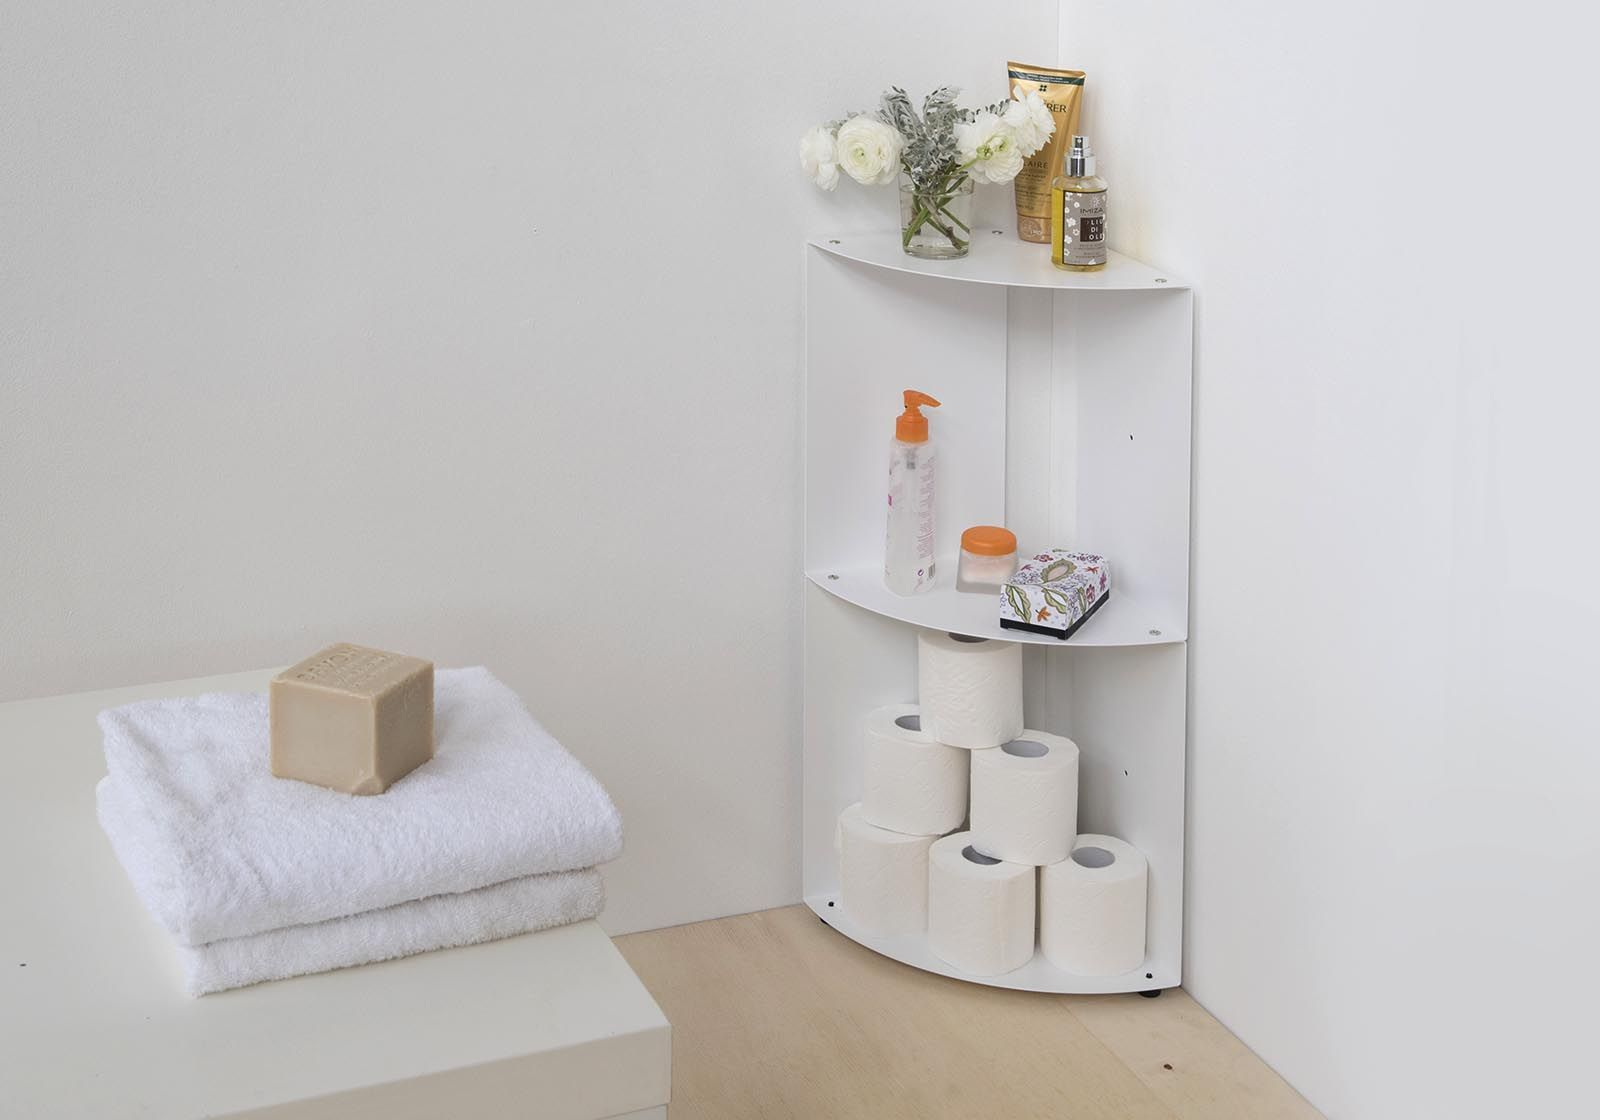 Mensole d angolo per bagno dangolo acciaio 25x25x70cm for Mensole per quadri